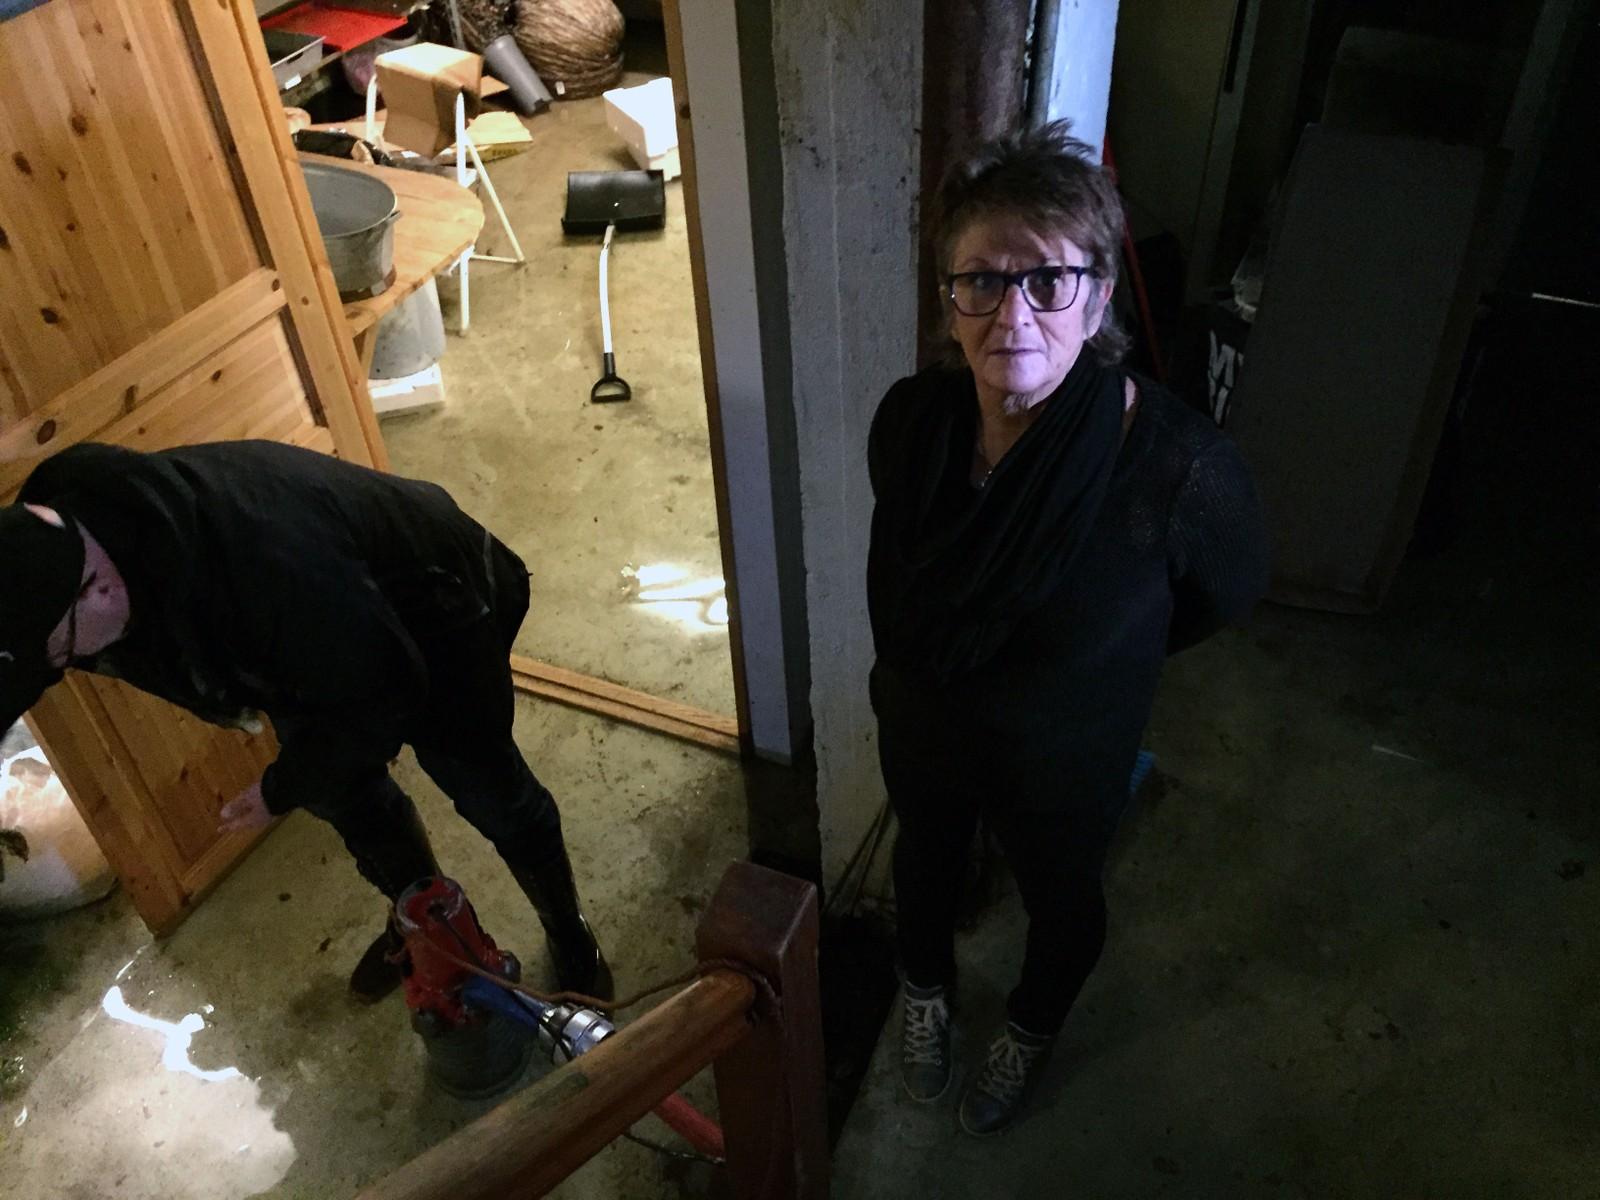 Anne-Marie Auro, medeier i butikken Blåveis, bivåner vannmengdene i butikkens kjeller.